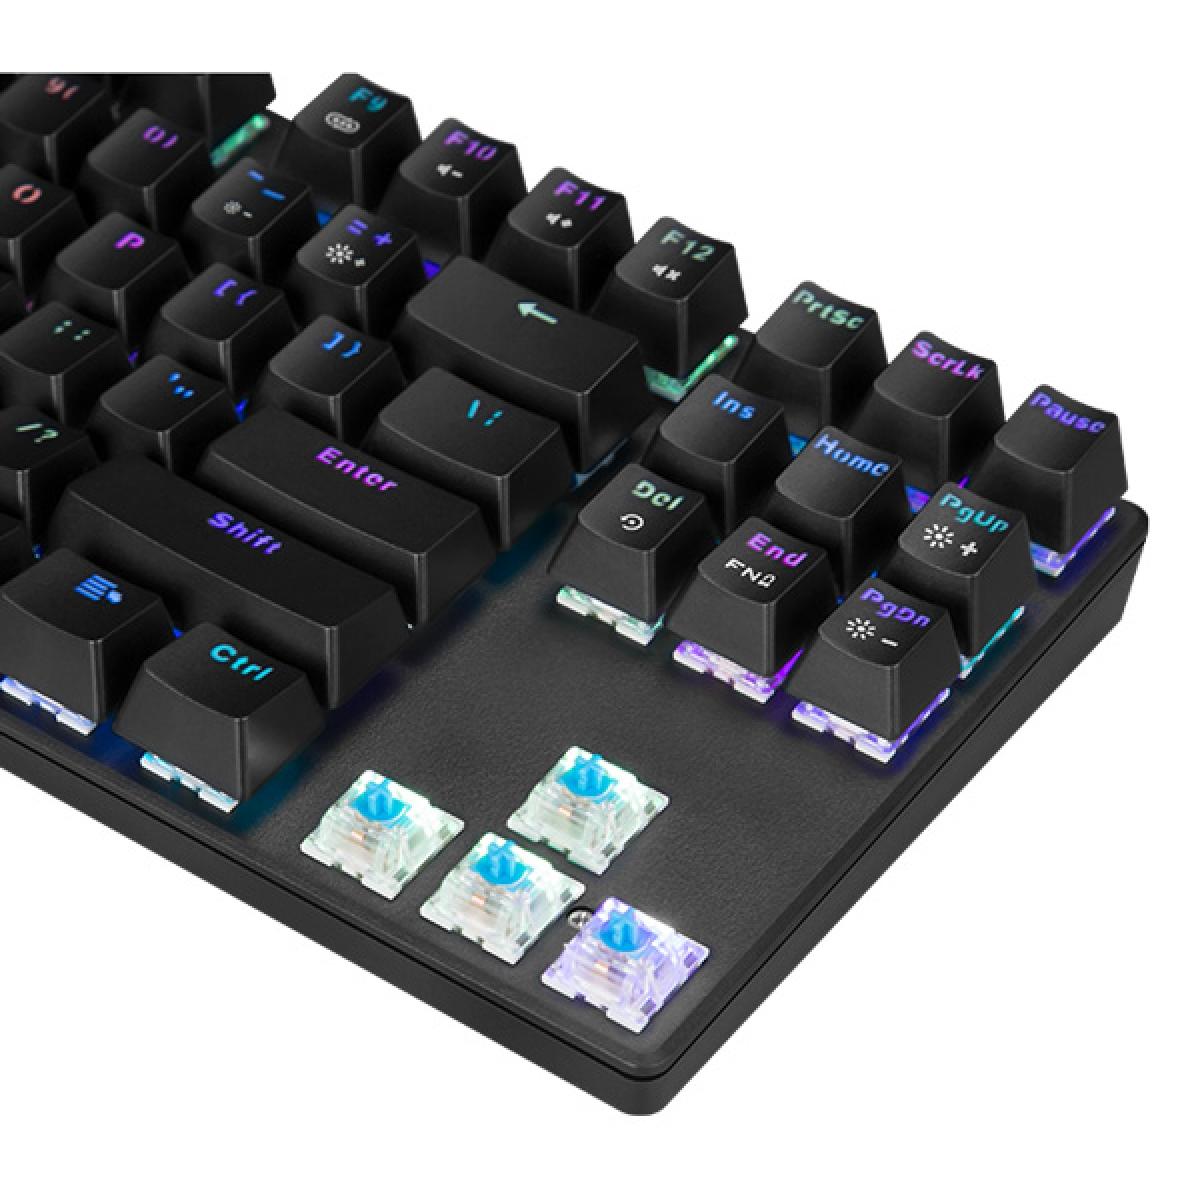 Teclado Mecânico Gamer Marvo Scorpion KG914, USB 2.0, Switch Azul, Rainbow